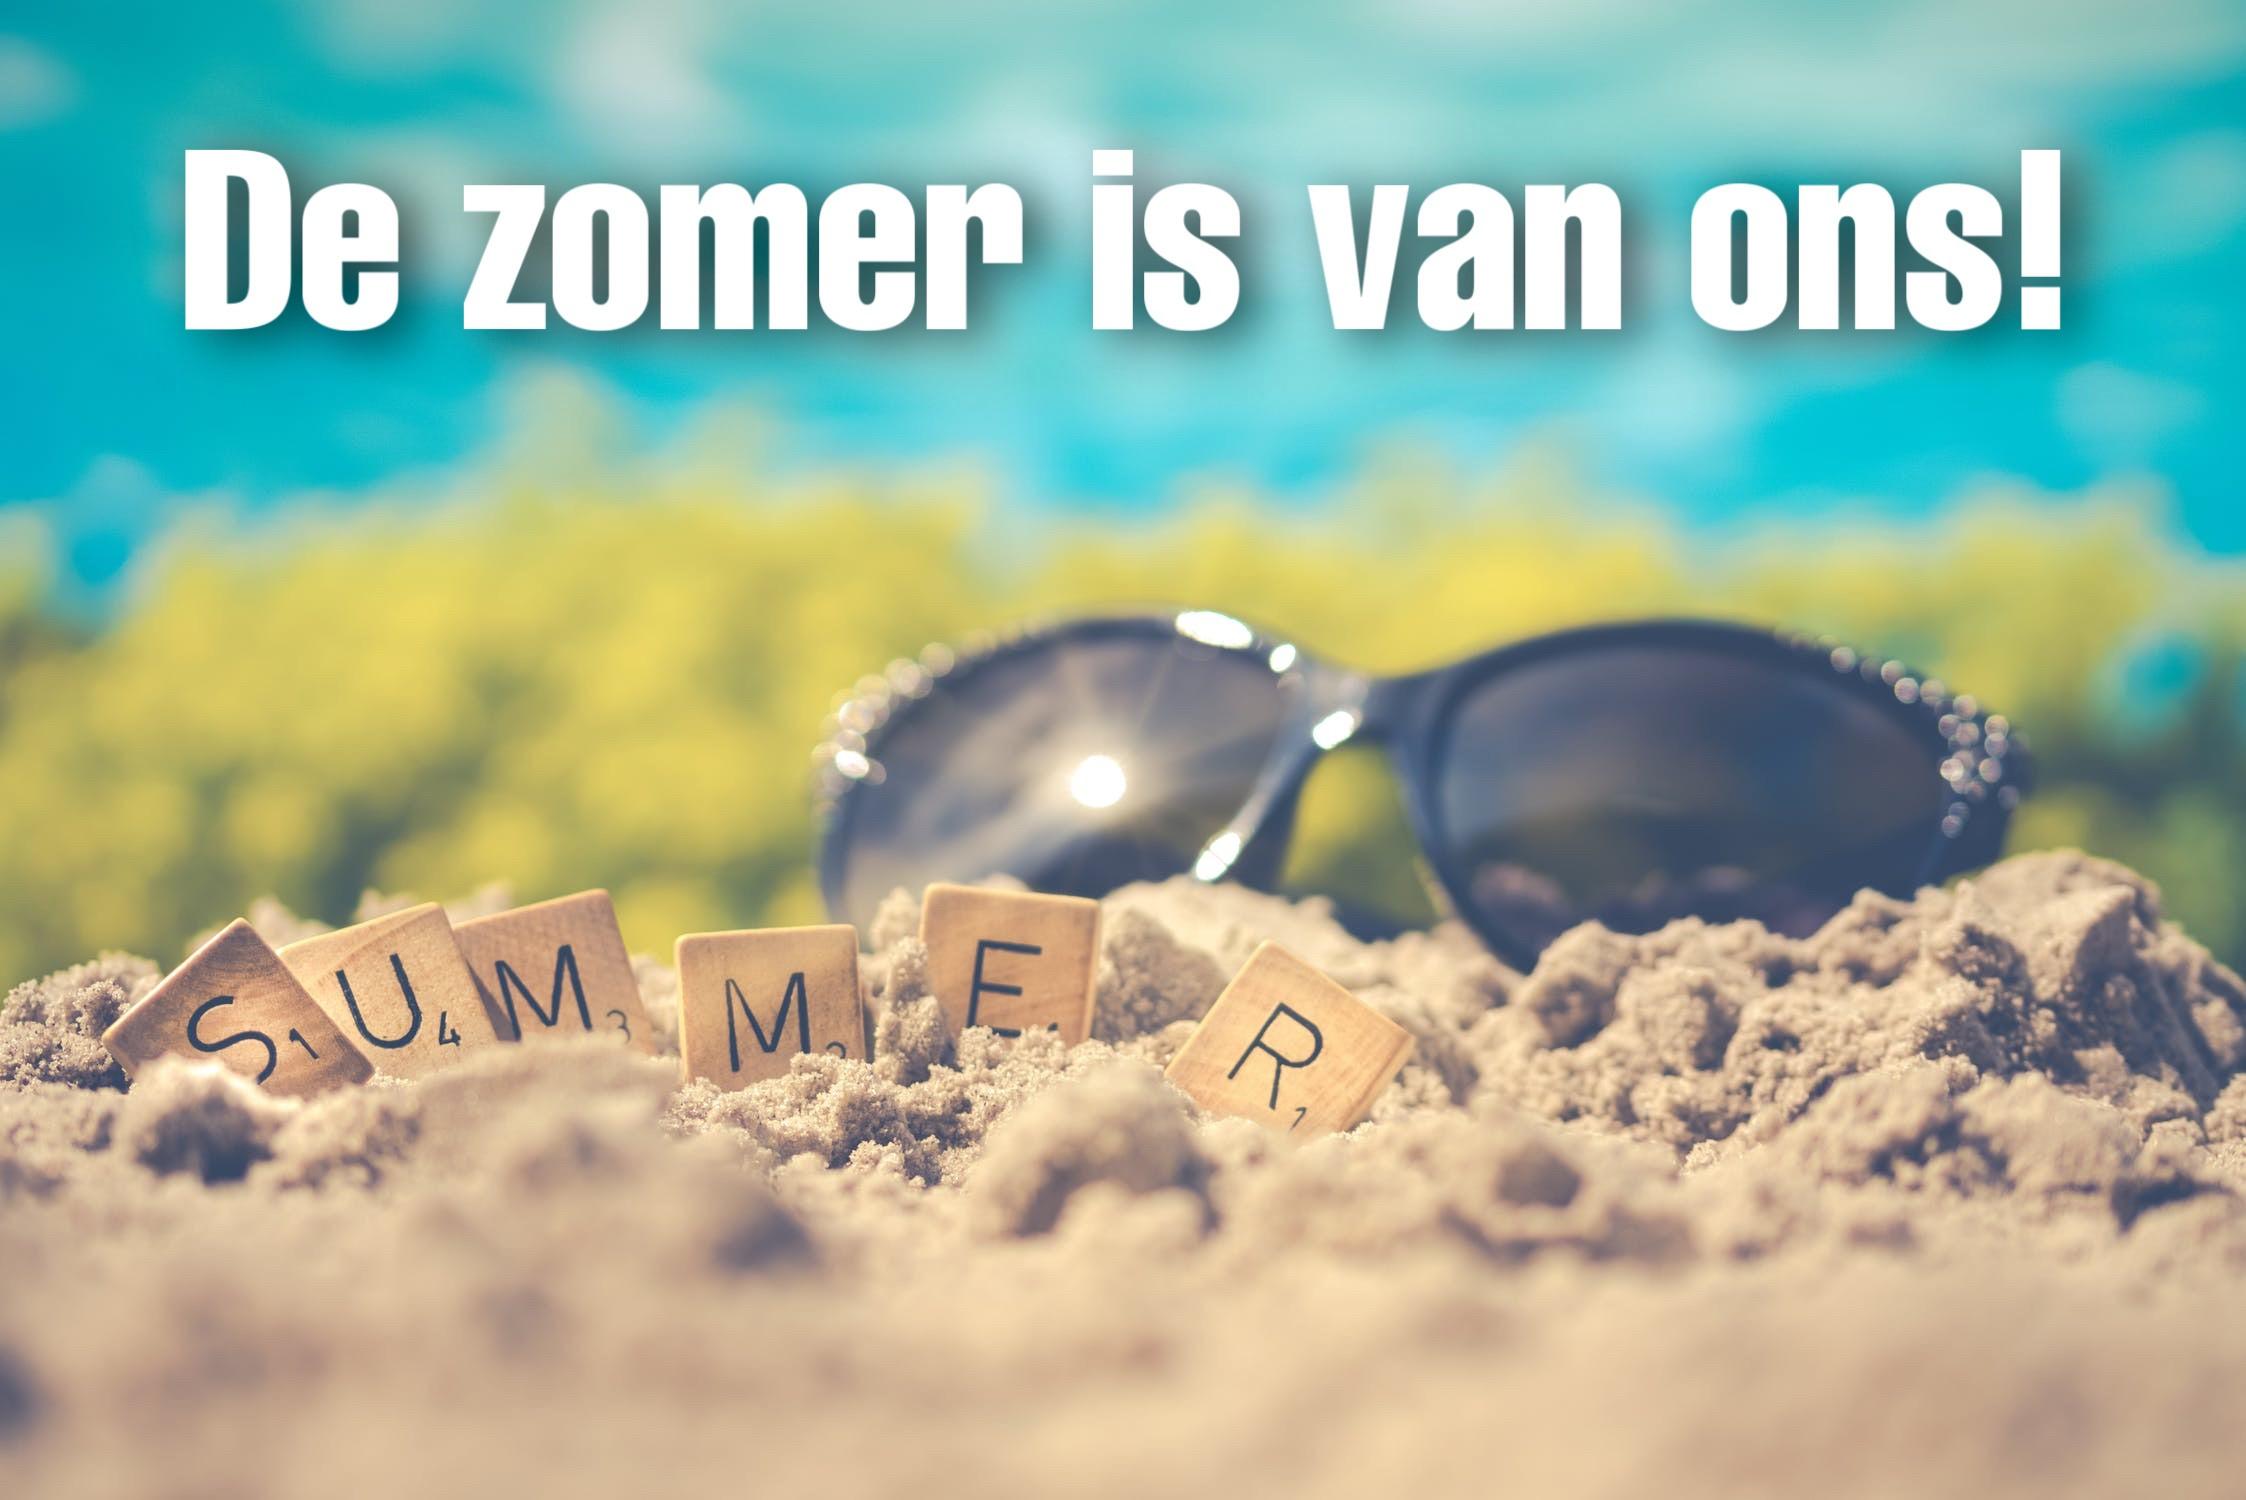 De zomer is van ons